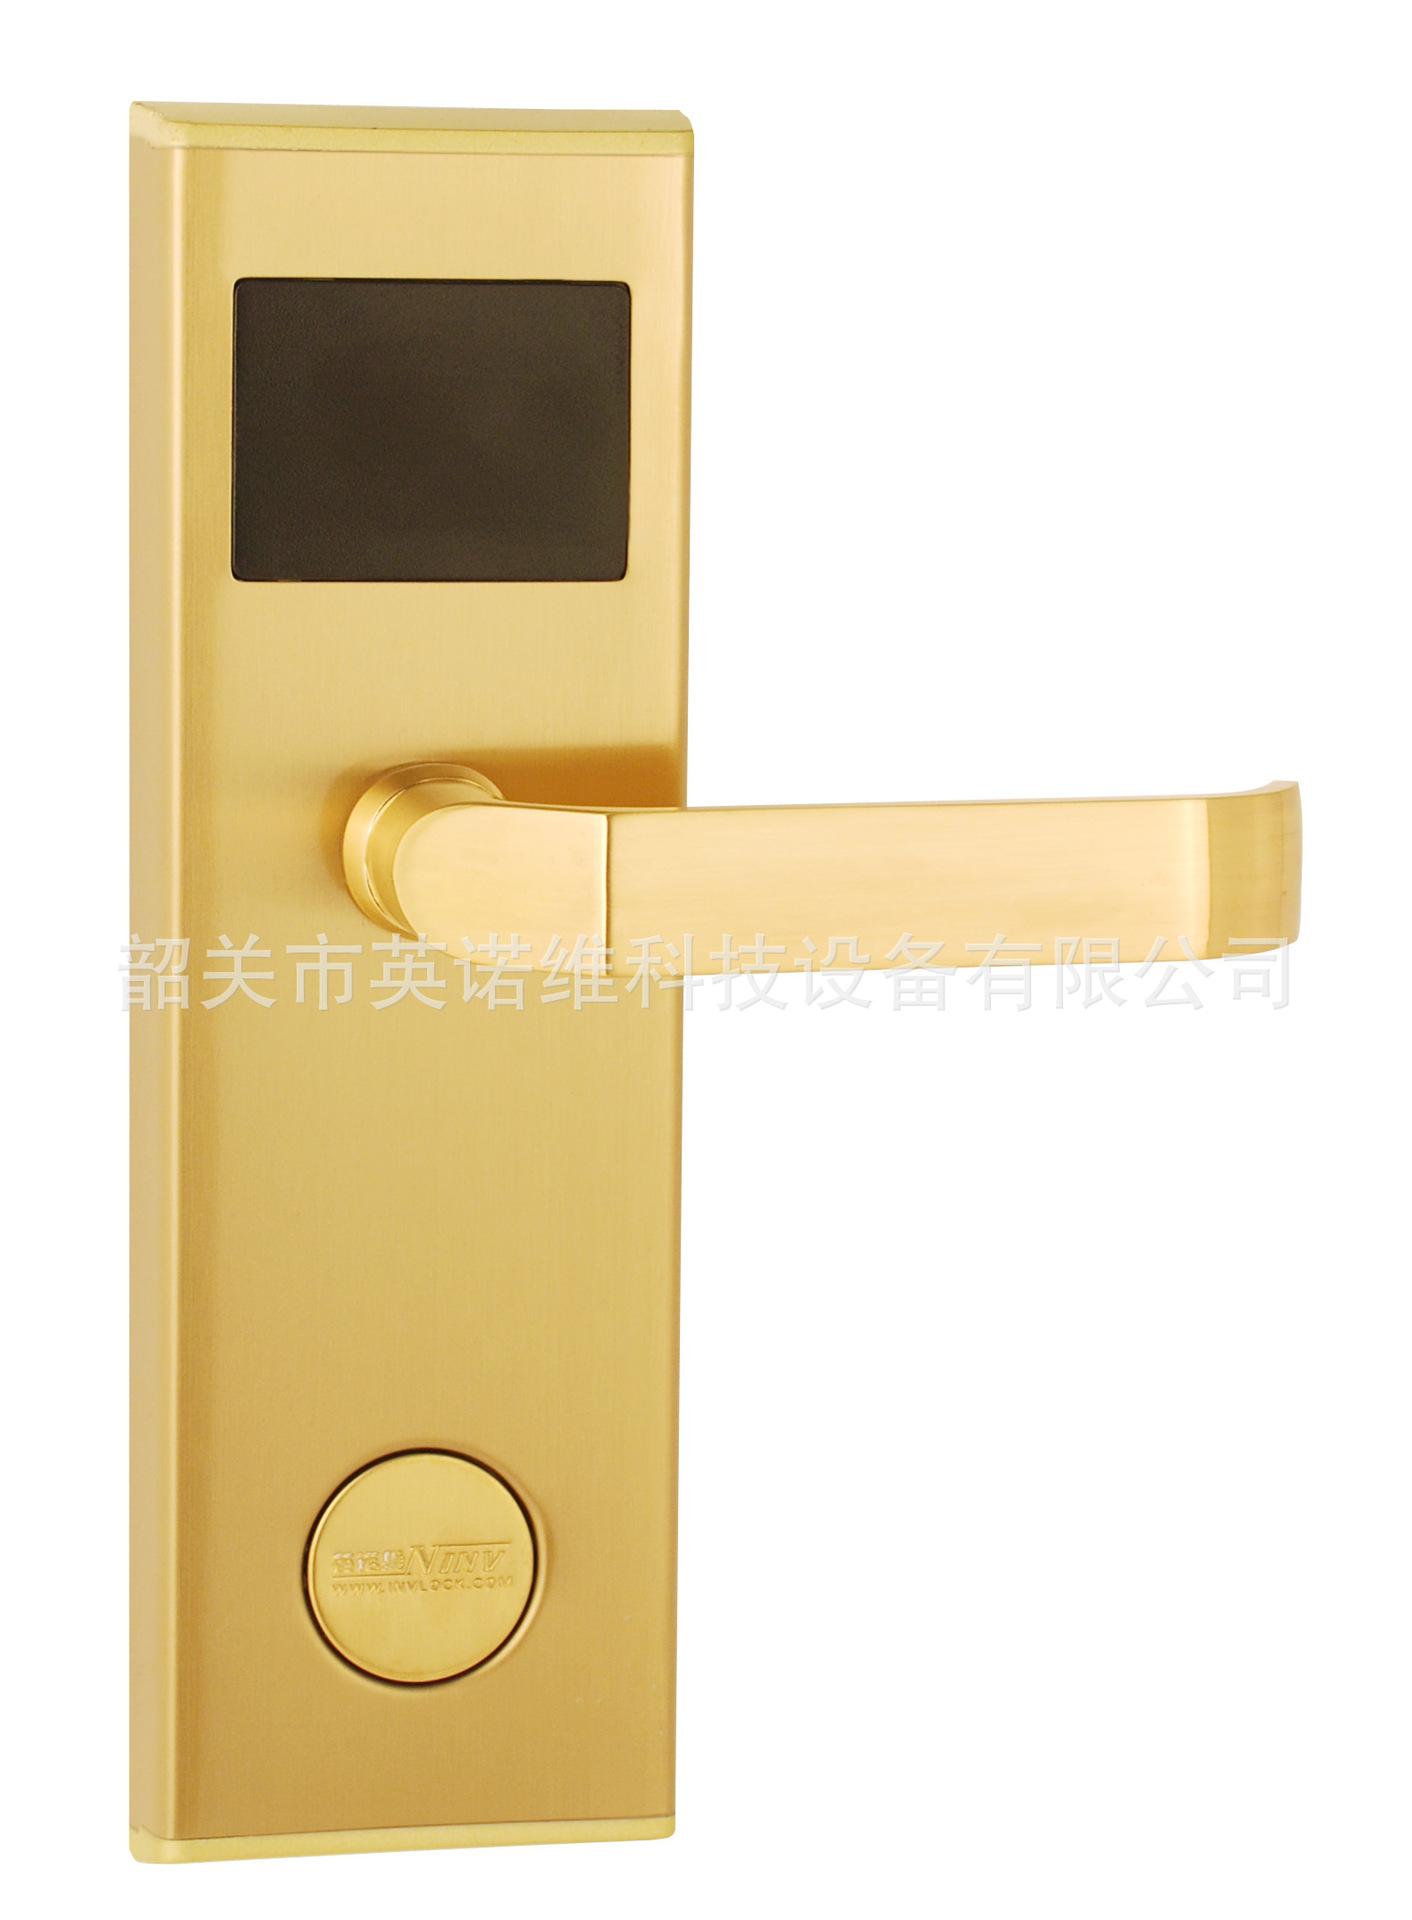 英诺维感应卡锁 IC卡锁 智能锁 酒店锁 3月促销锁